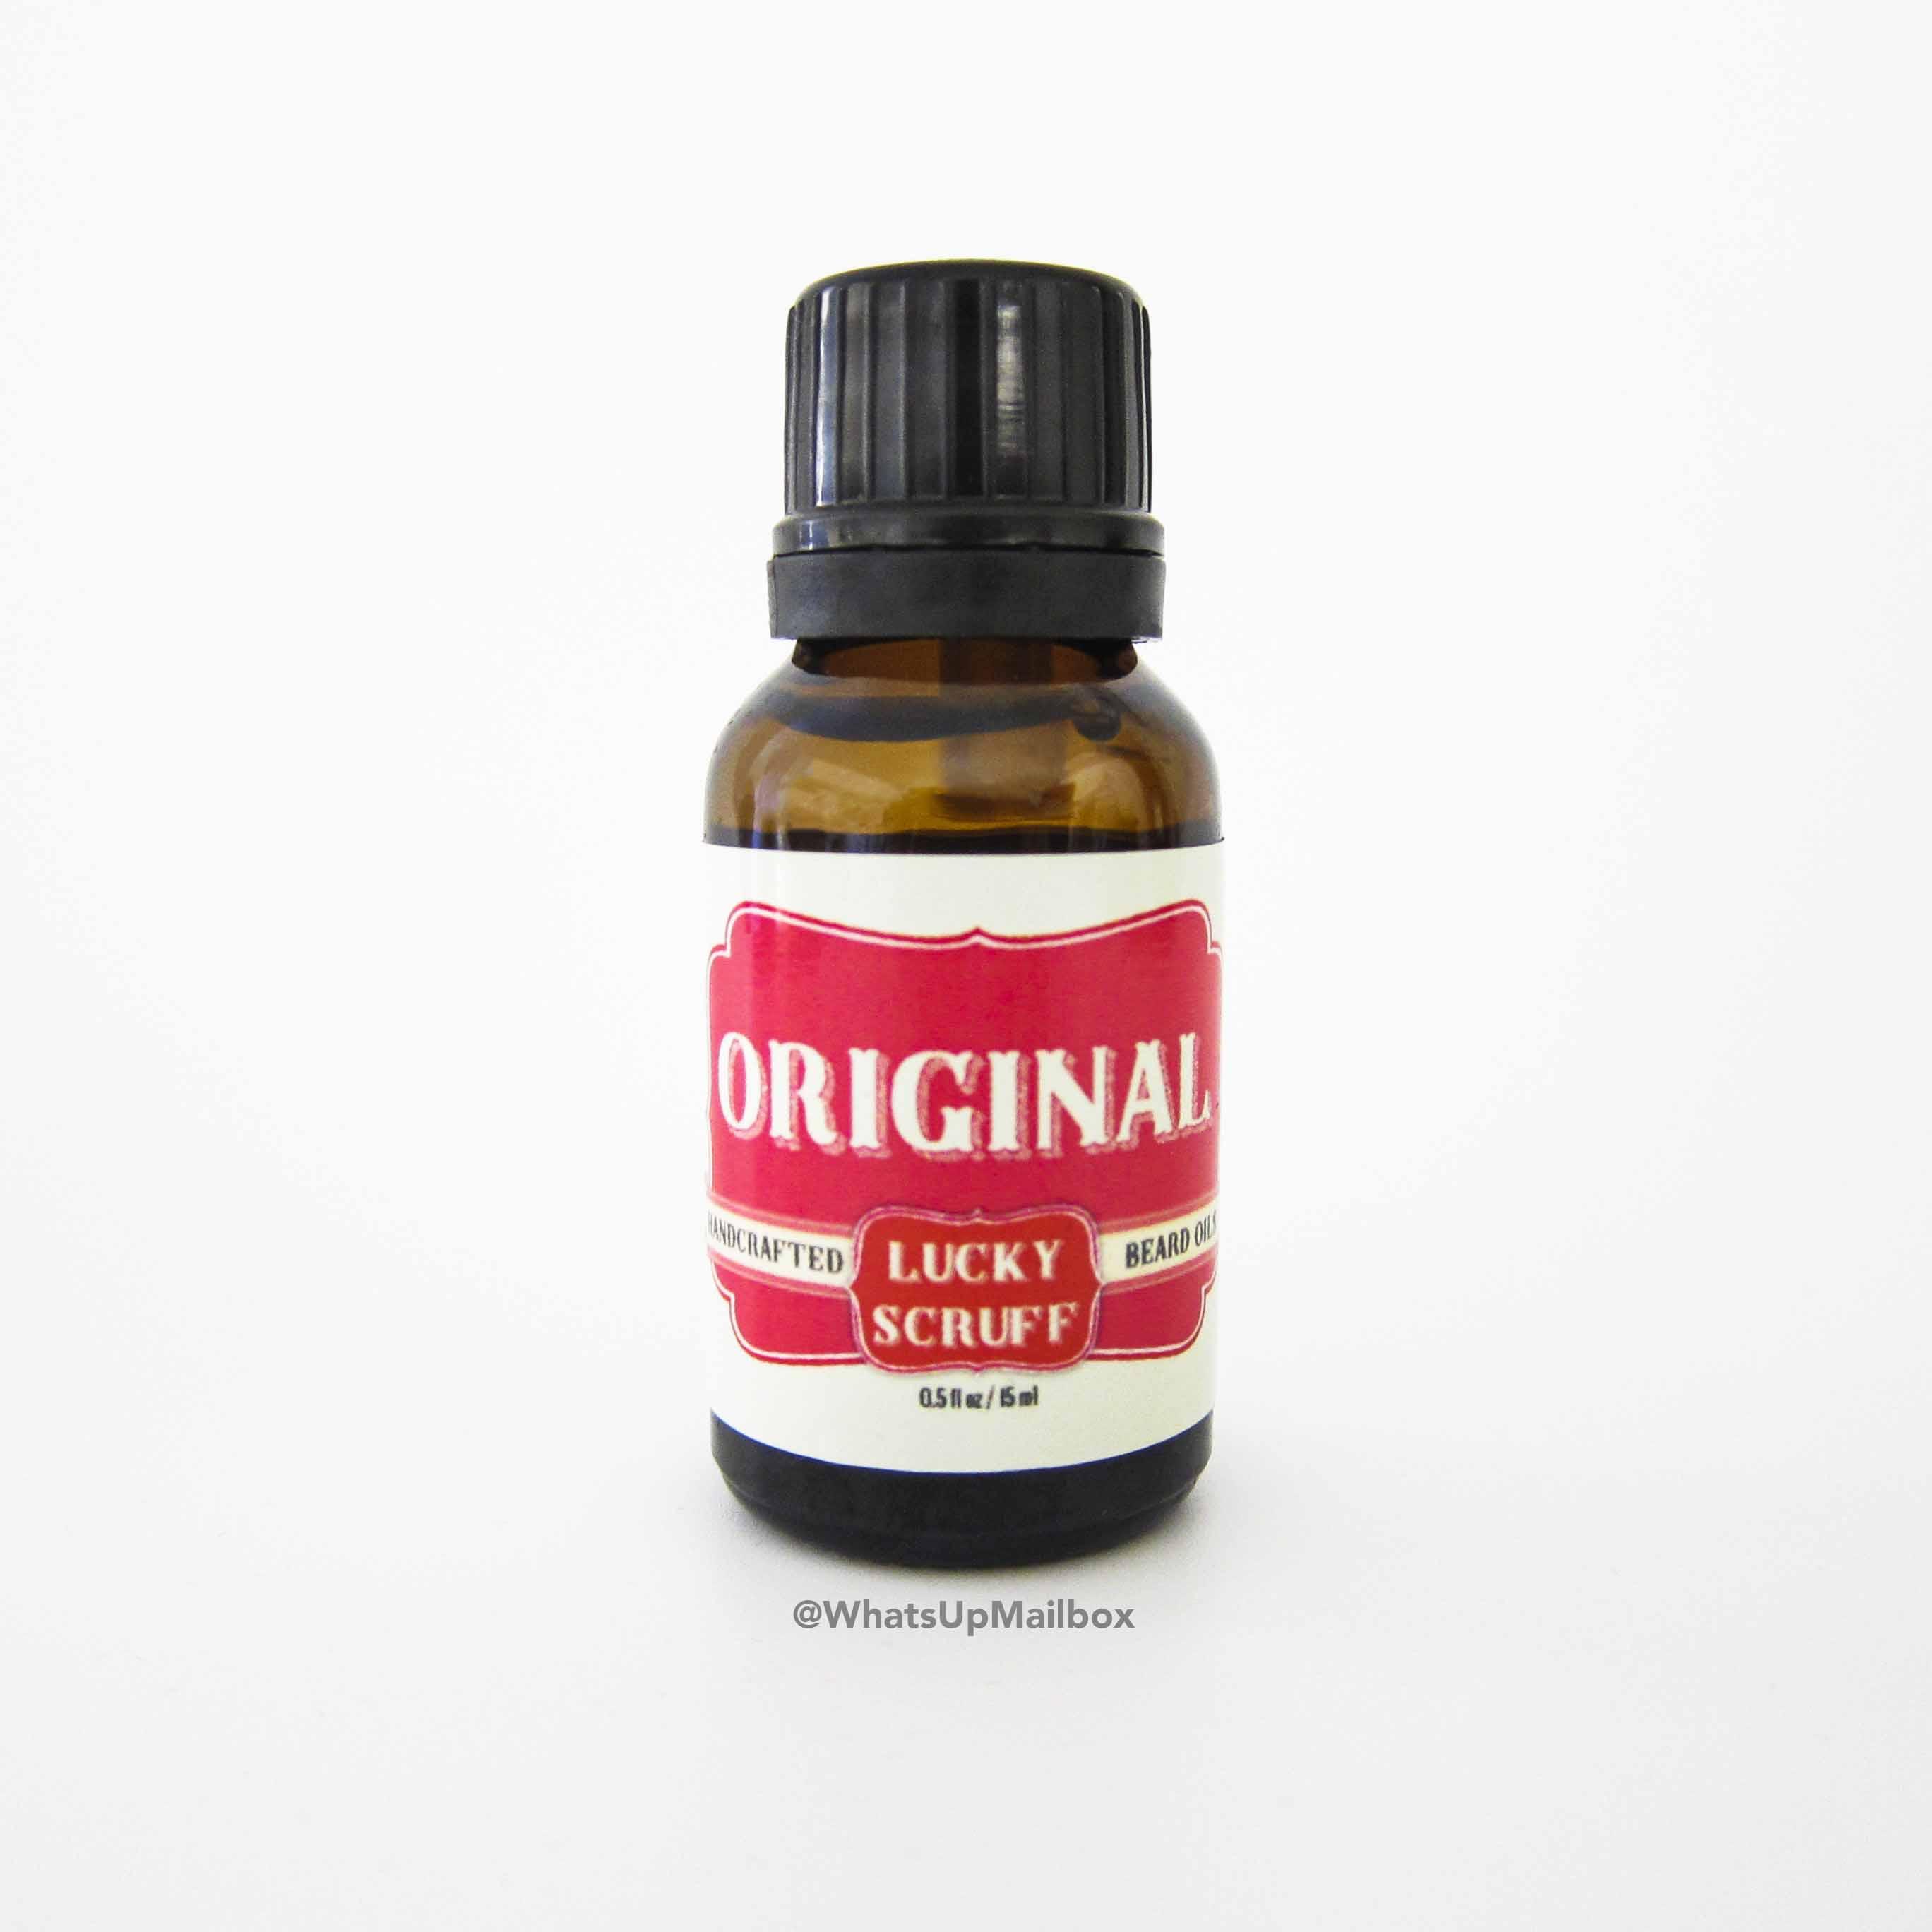 Lucky Scruff Beard Oil